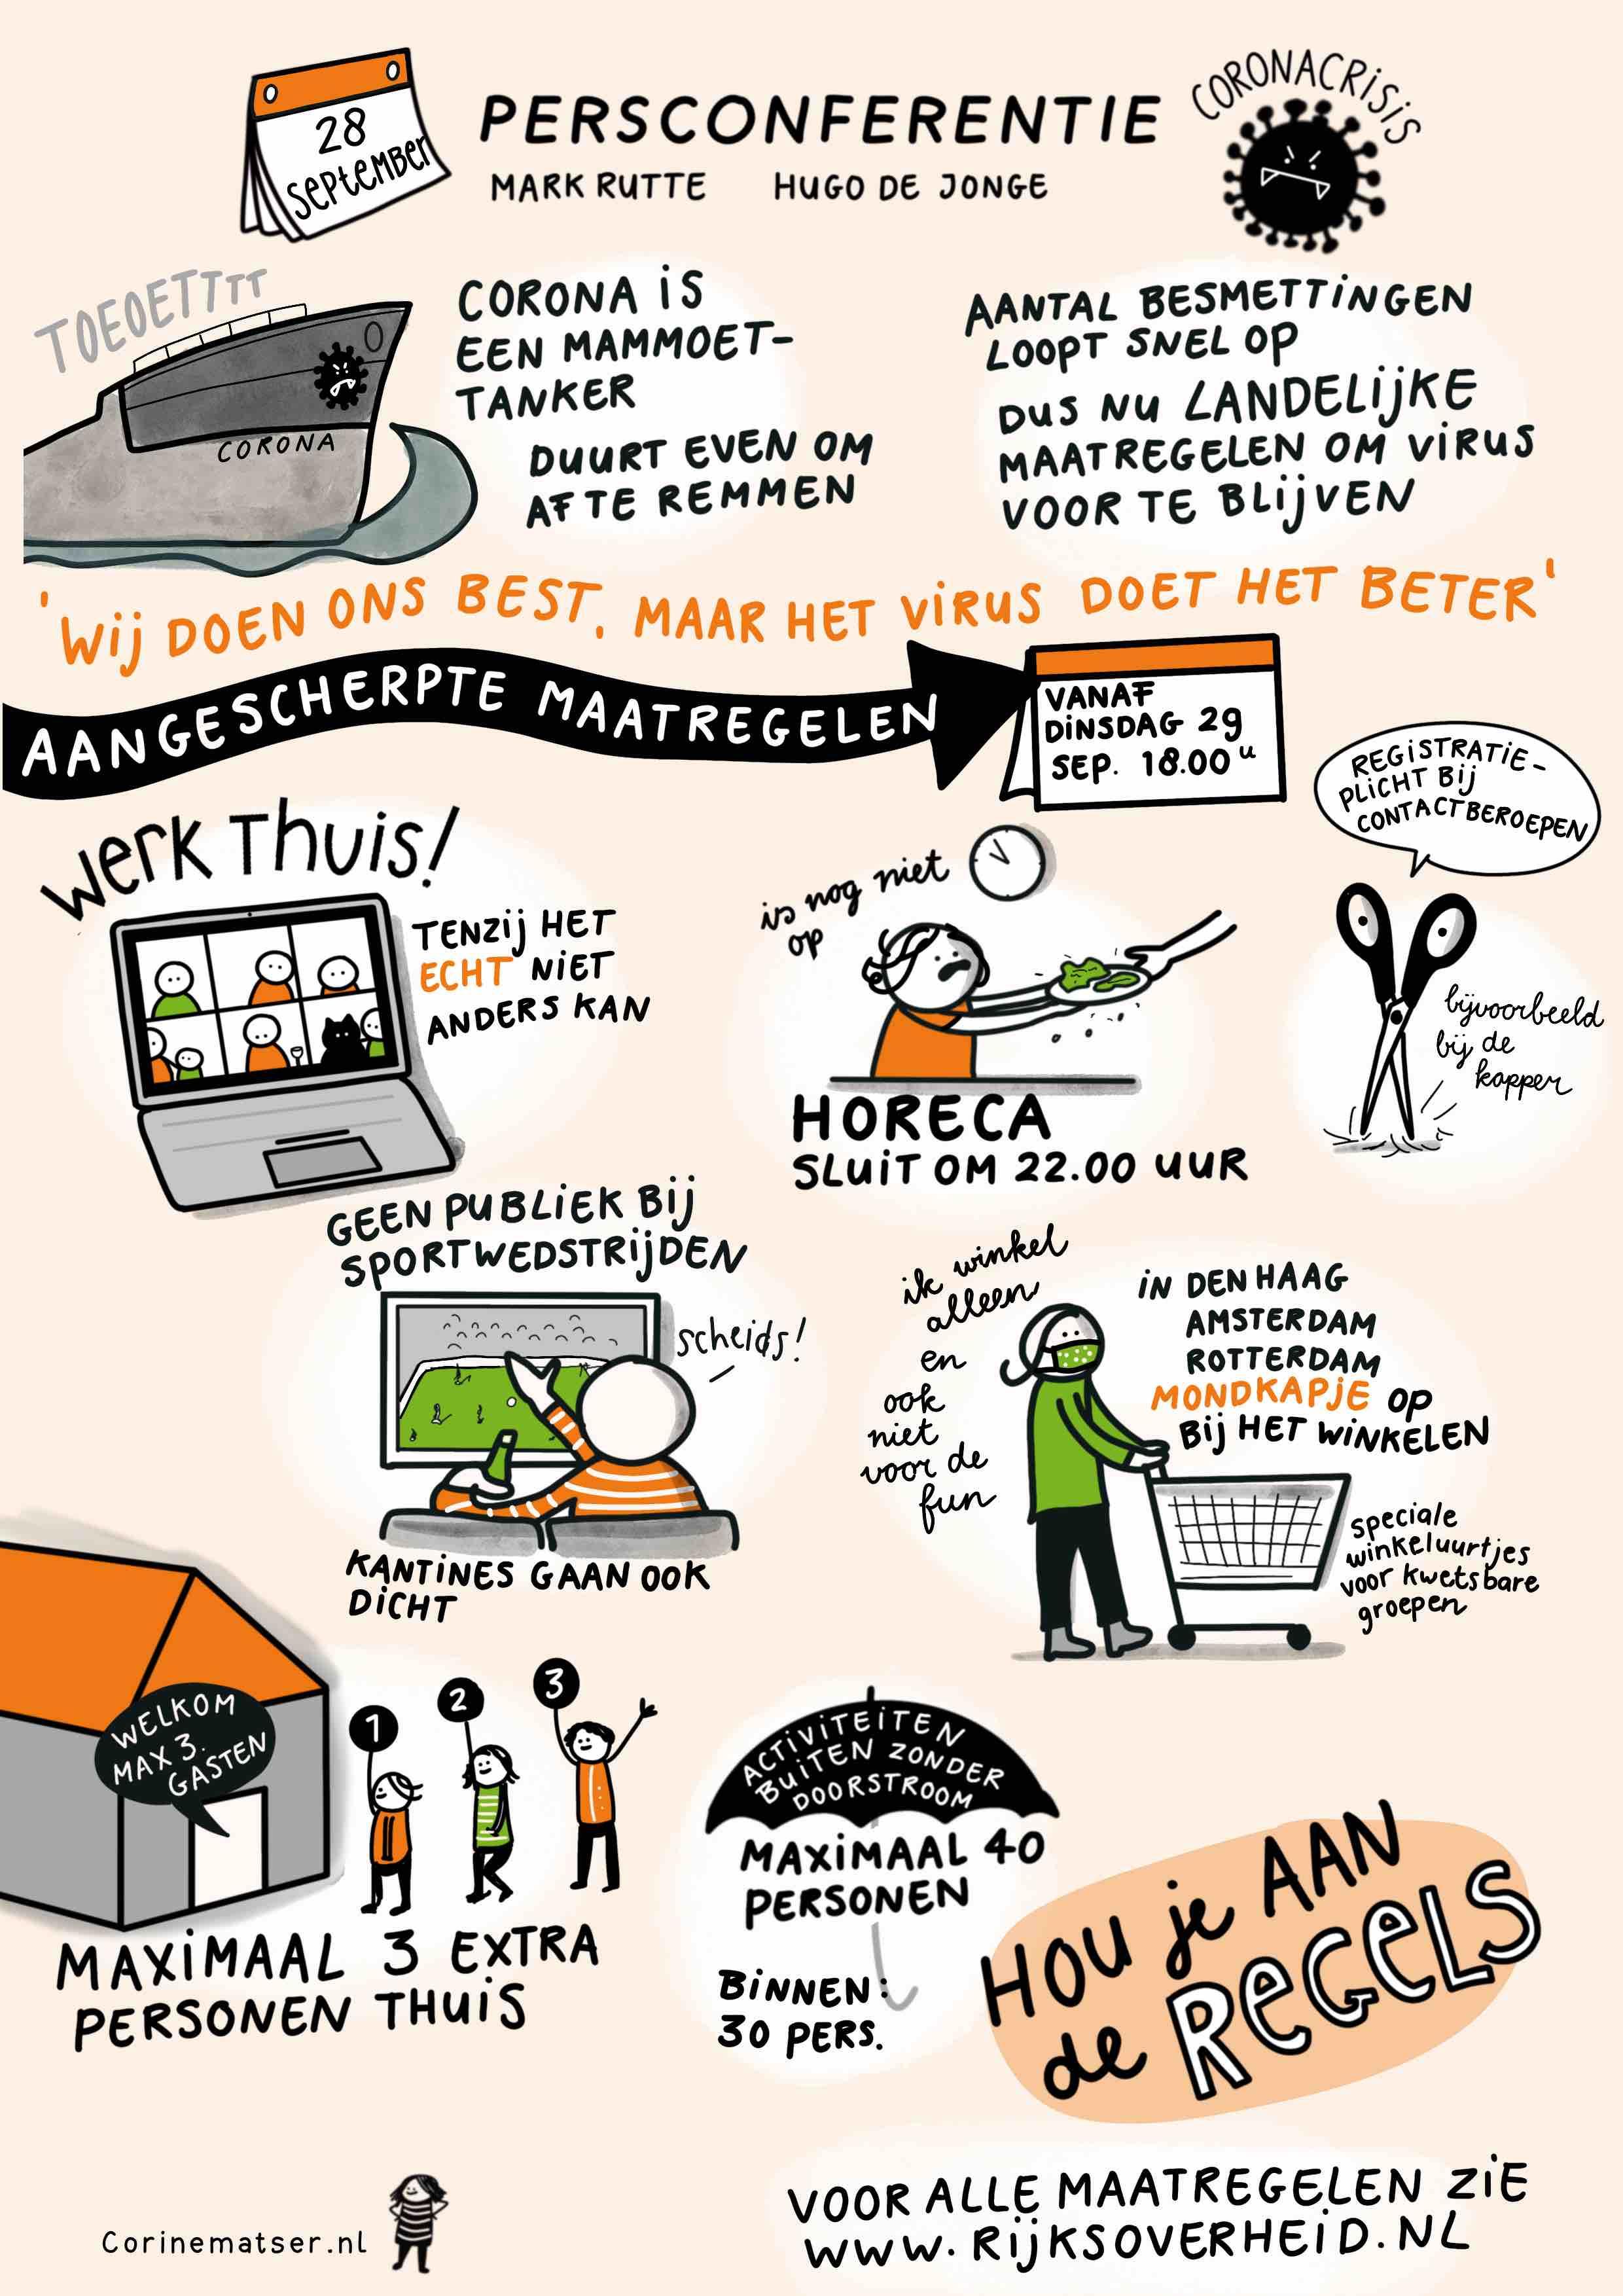 Persconferentie Mark Rutte en Hugo de Jonge 28 september 2020